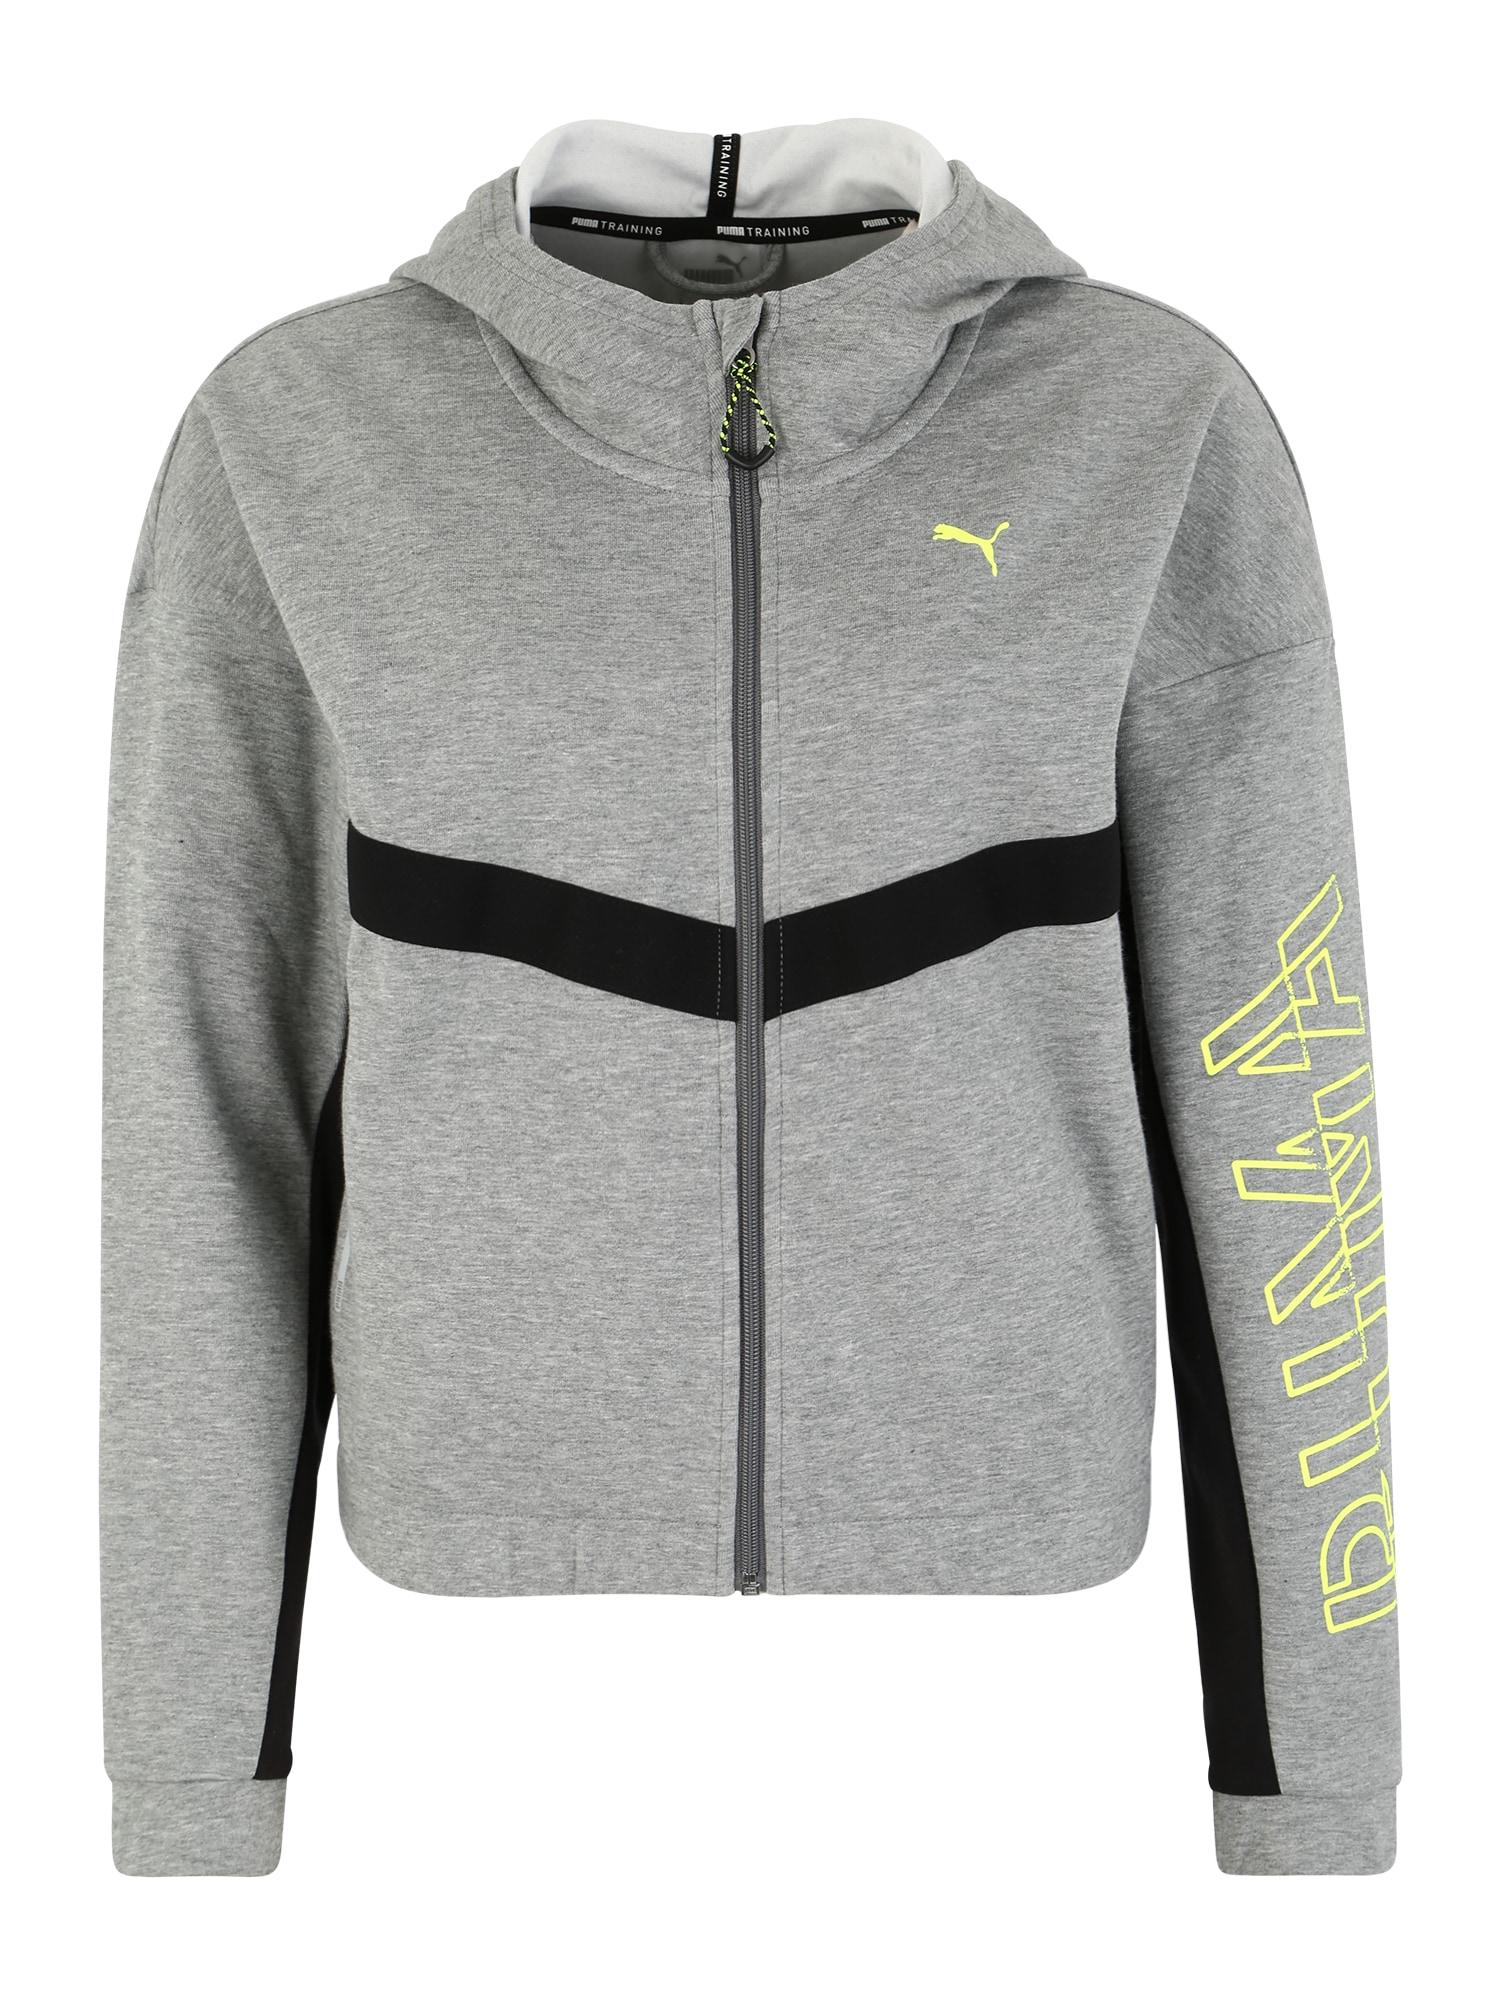 Sportovní mikina s kapucí HIT Feel It Sweat Jacket světle šedá PUMA